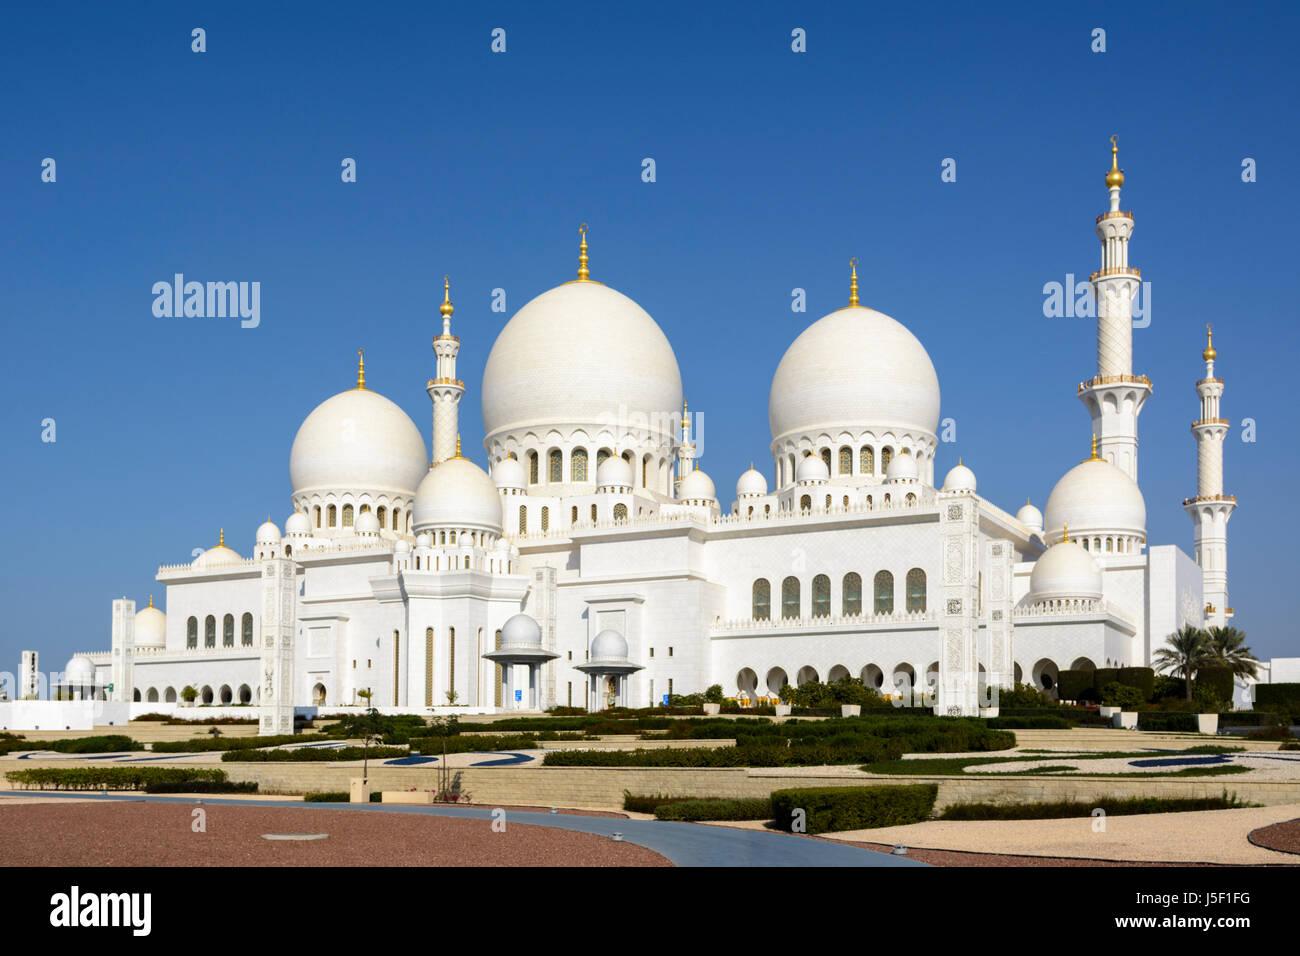 Sheikh Zayed Grand Moschee, Abu Dhabi, Vereinigte Arabische Emirate (VAE), Naher Osten Stockbild